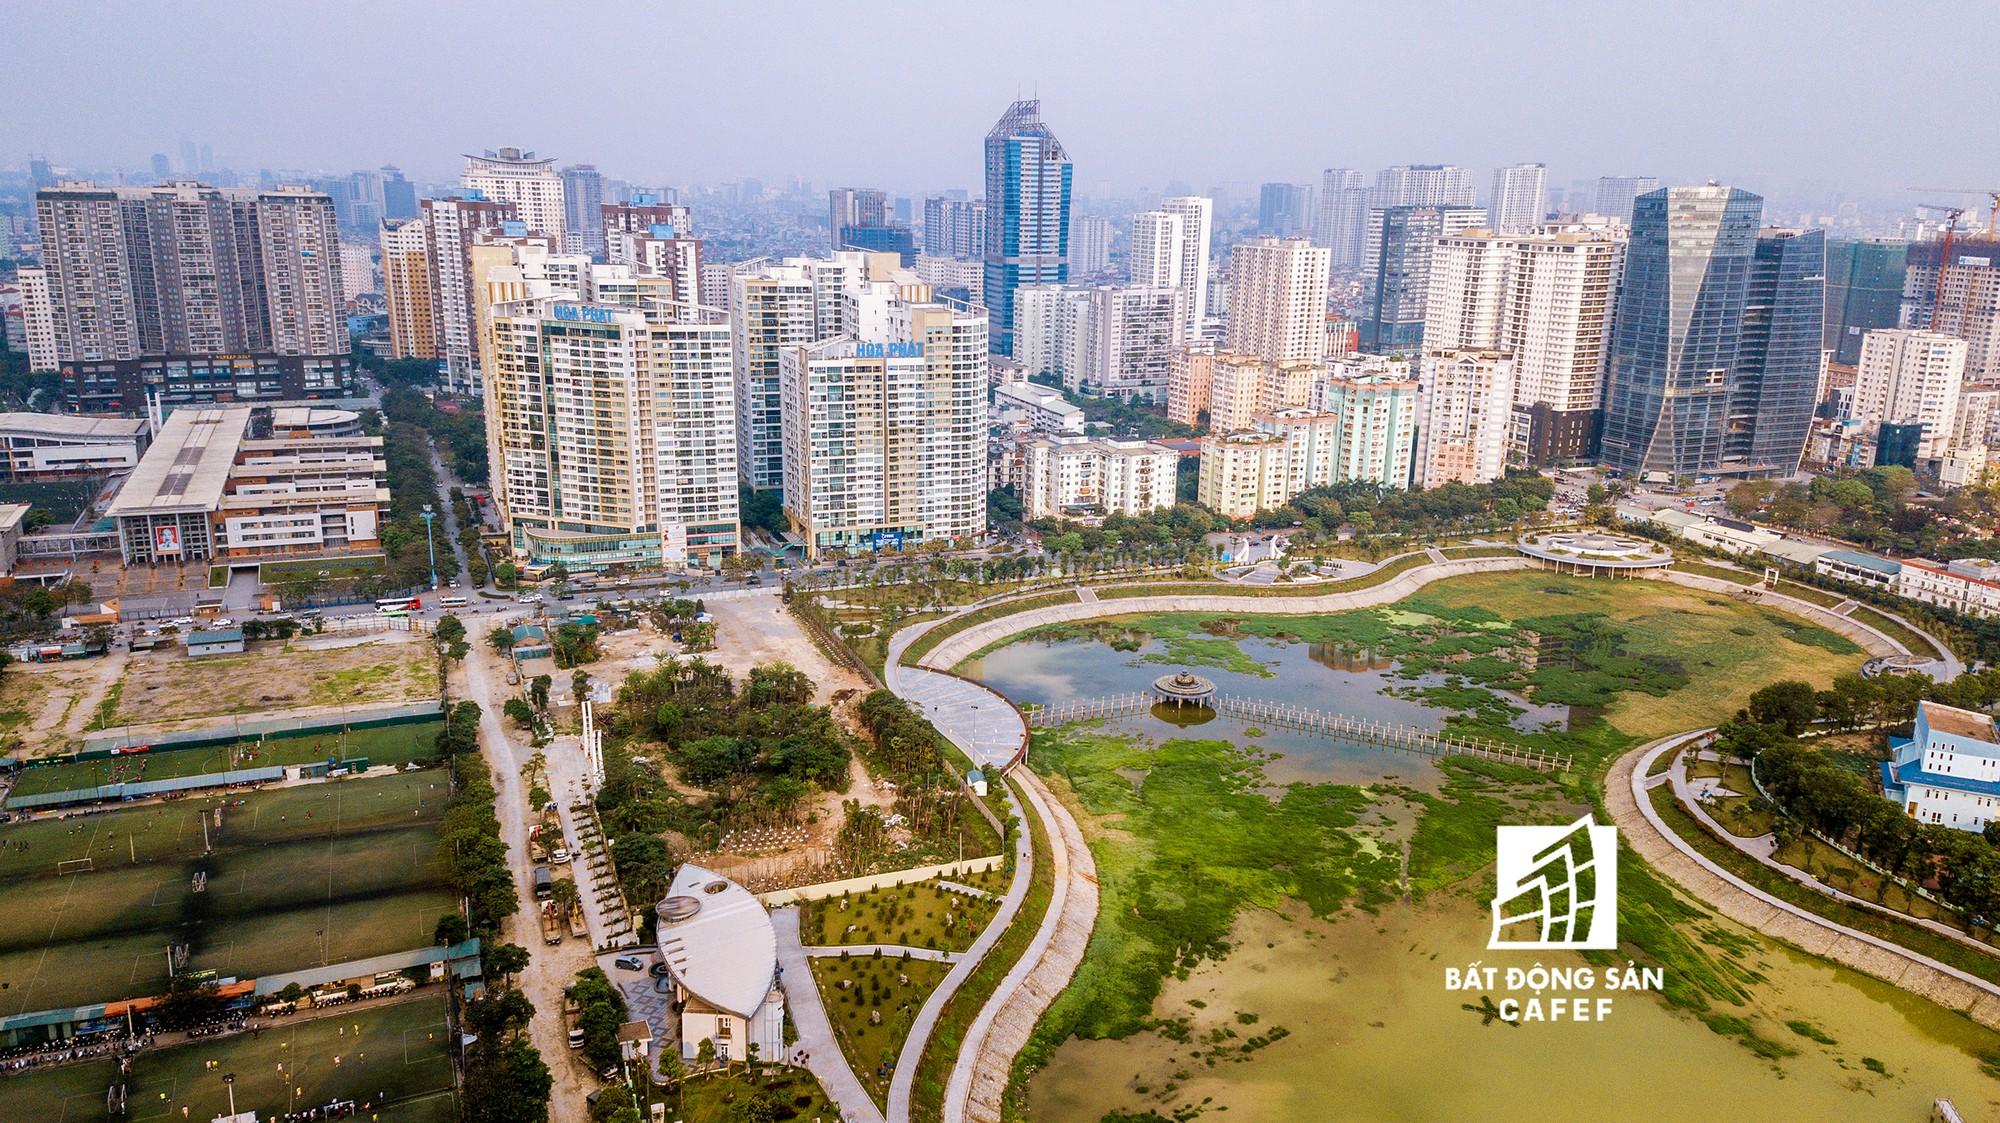 """Toàn cảnh """"rừng"""" cao ốc đang bóp nghẹt khu đô thị kiểu mẫu bậc nhất Hà Nội - Ảnh 12."""